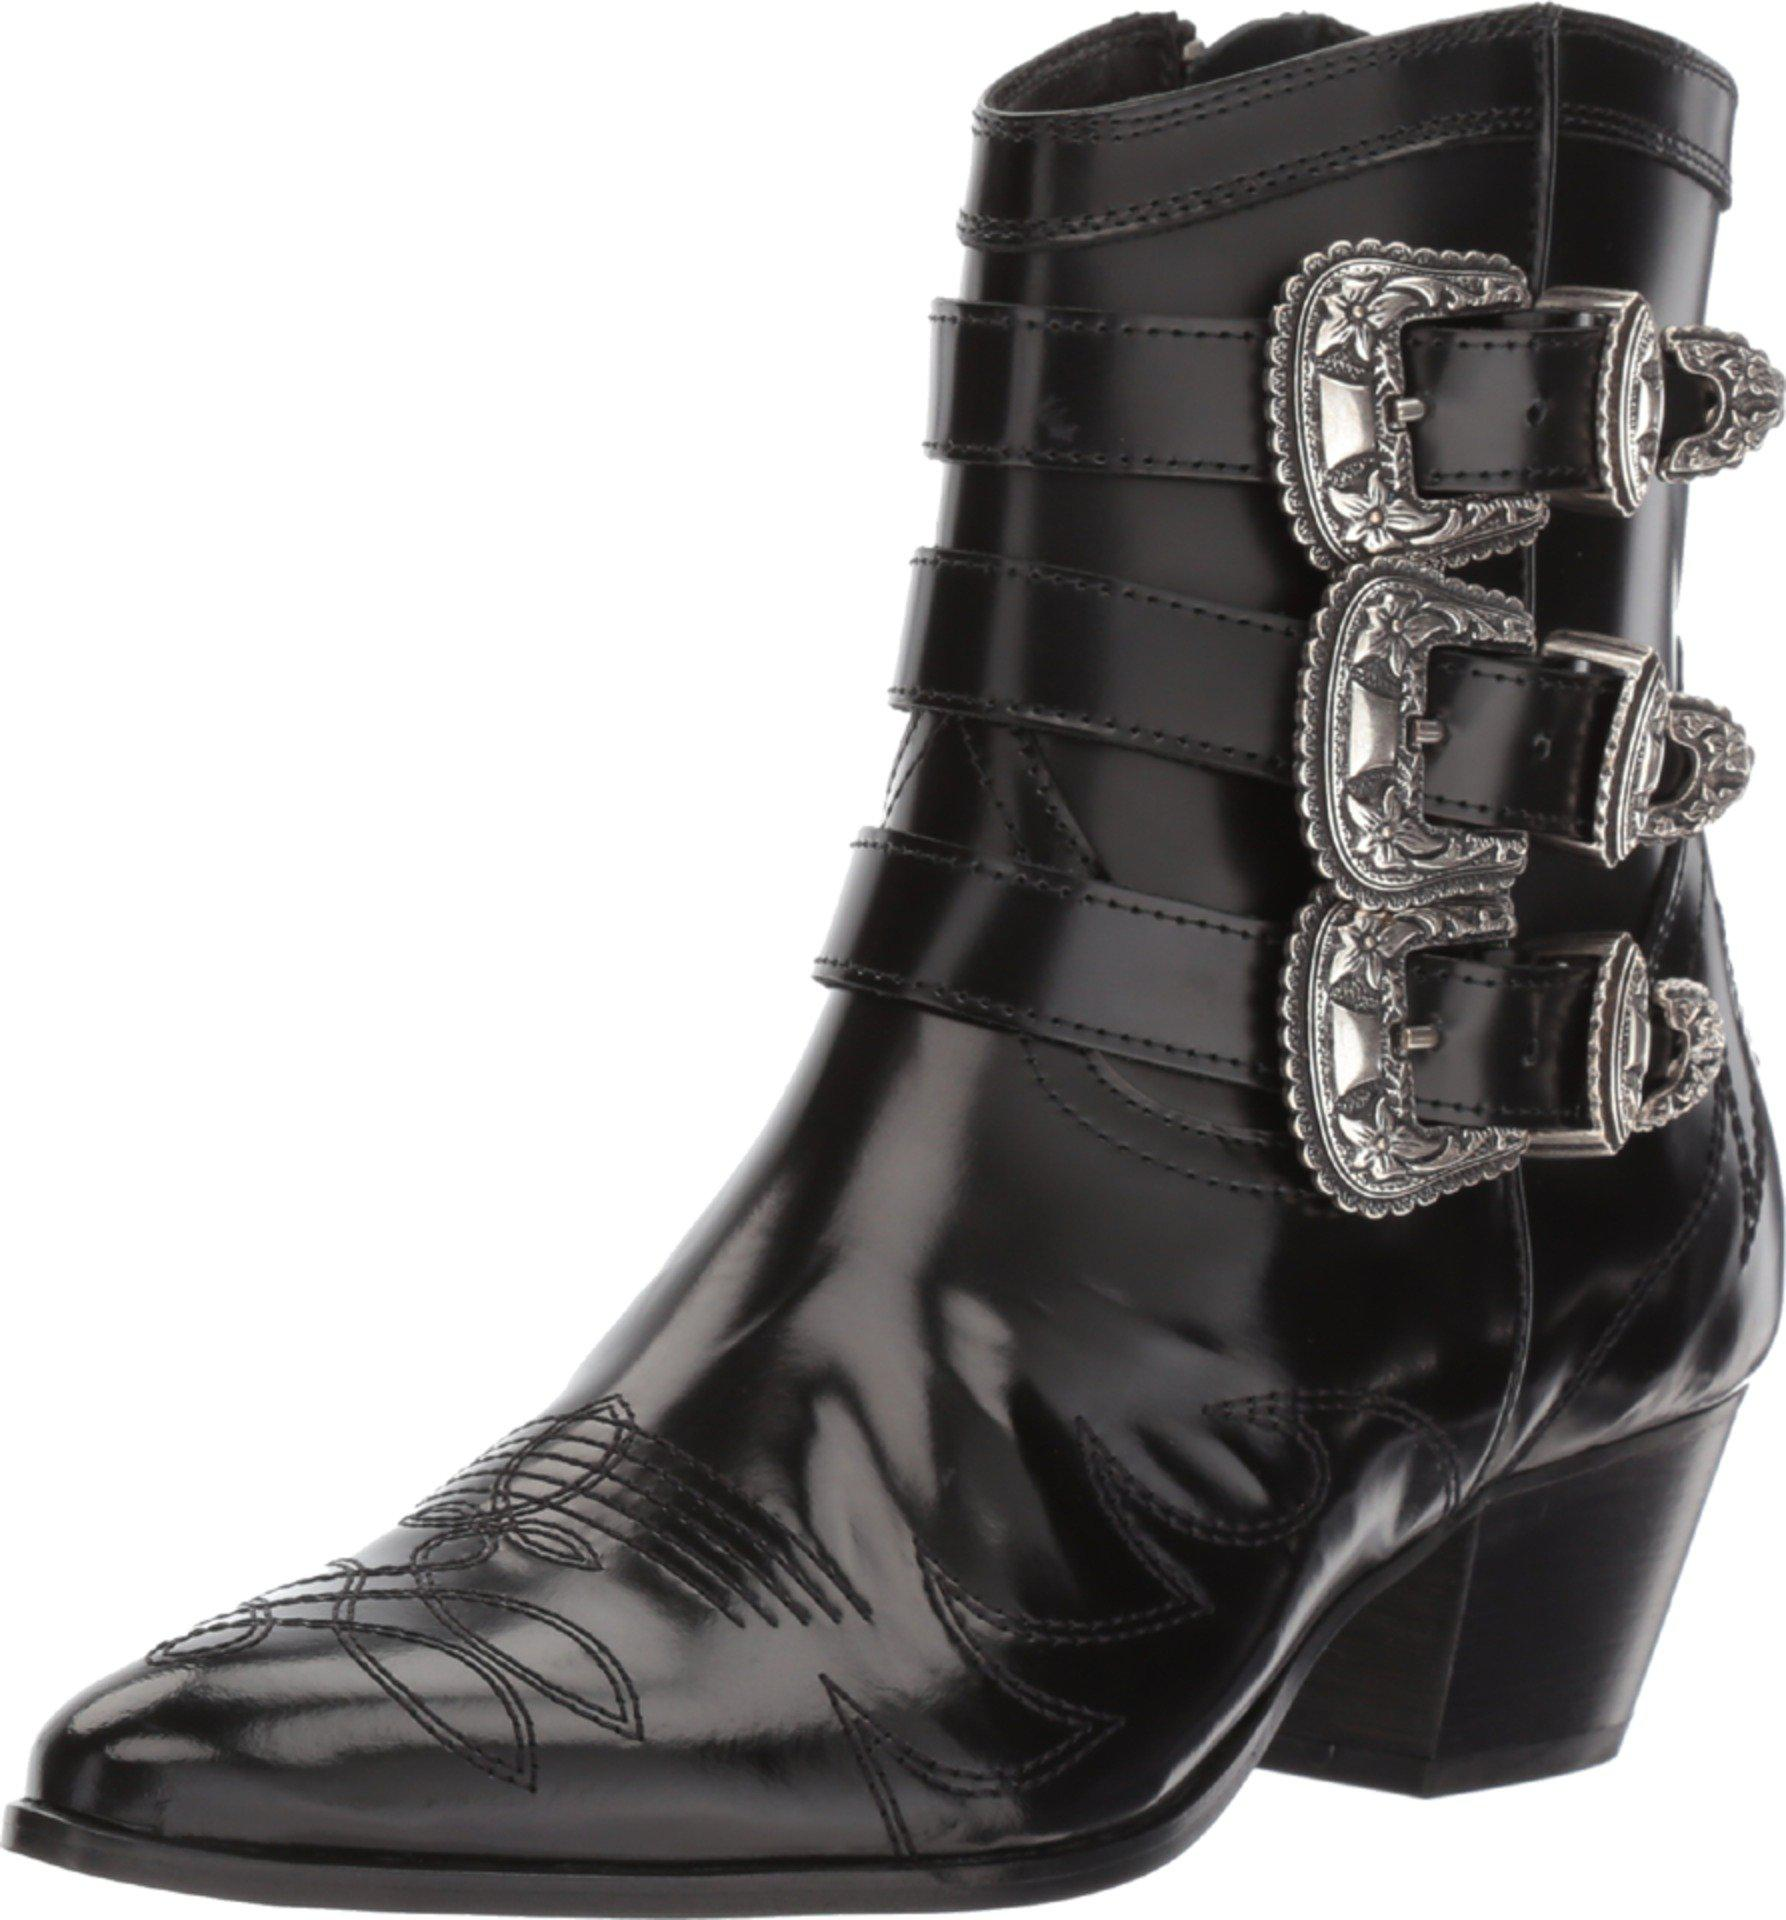 30c92e150d8 Women's Black Leather Cowboy Boots